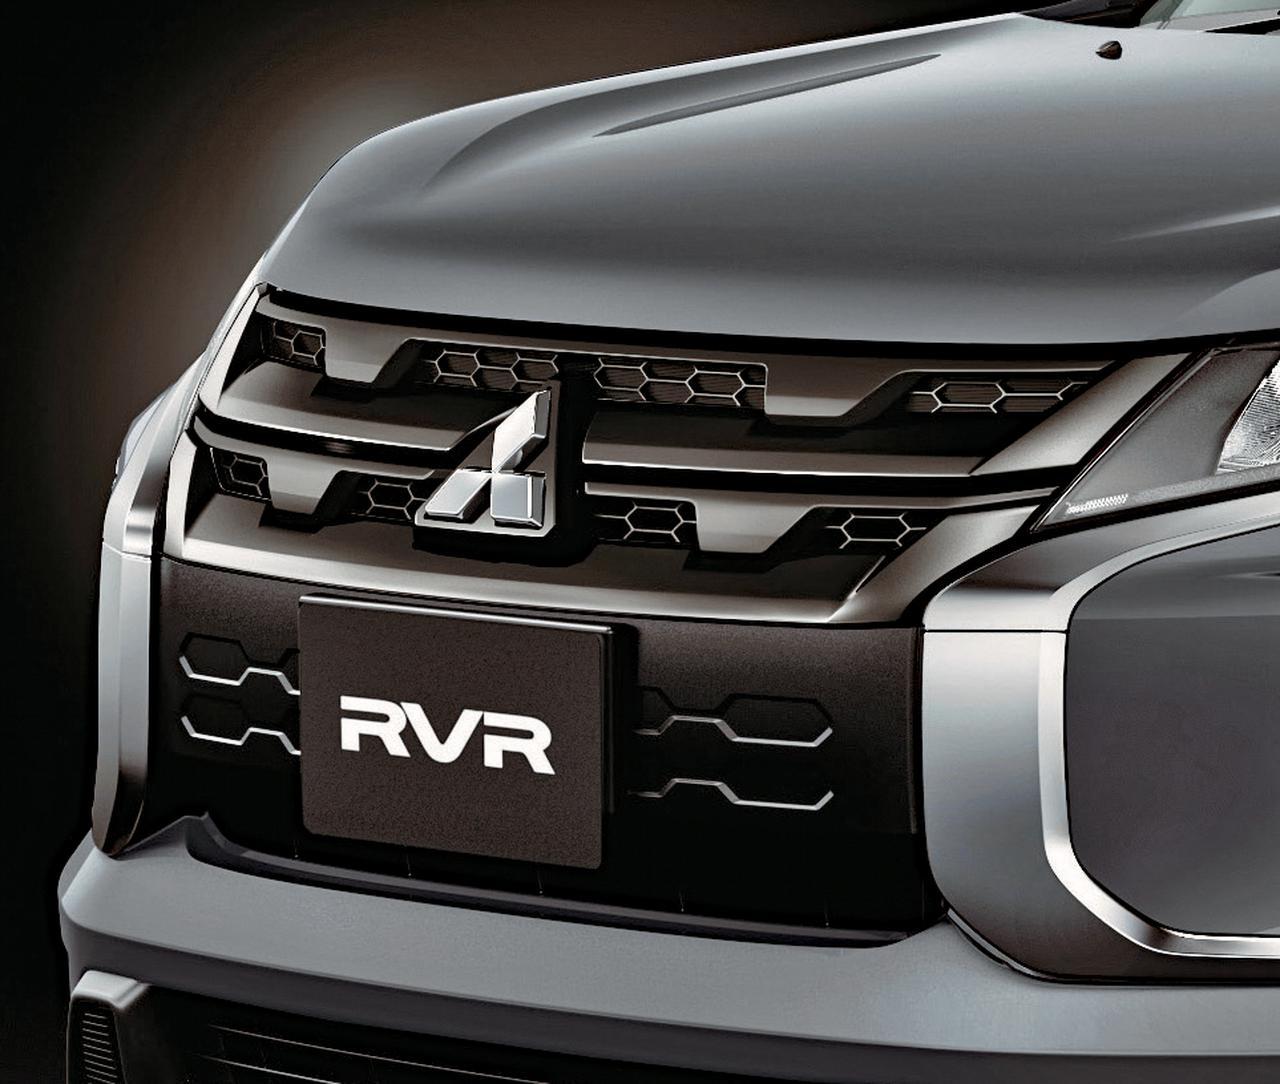 Images : 2番目の画像 - RVR ブラックエディション - Webモーターマガジン